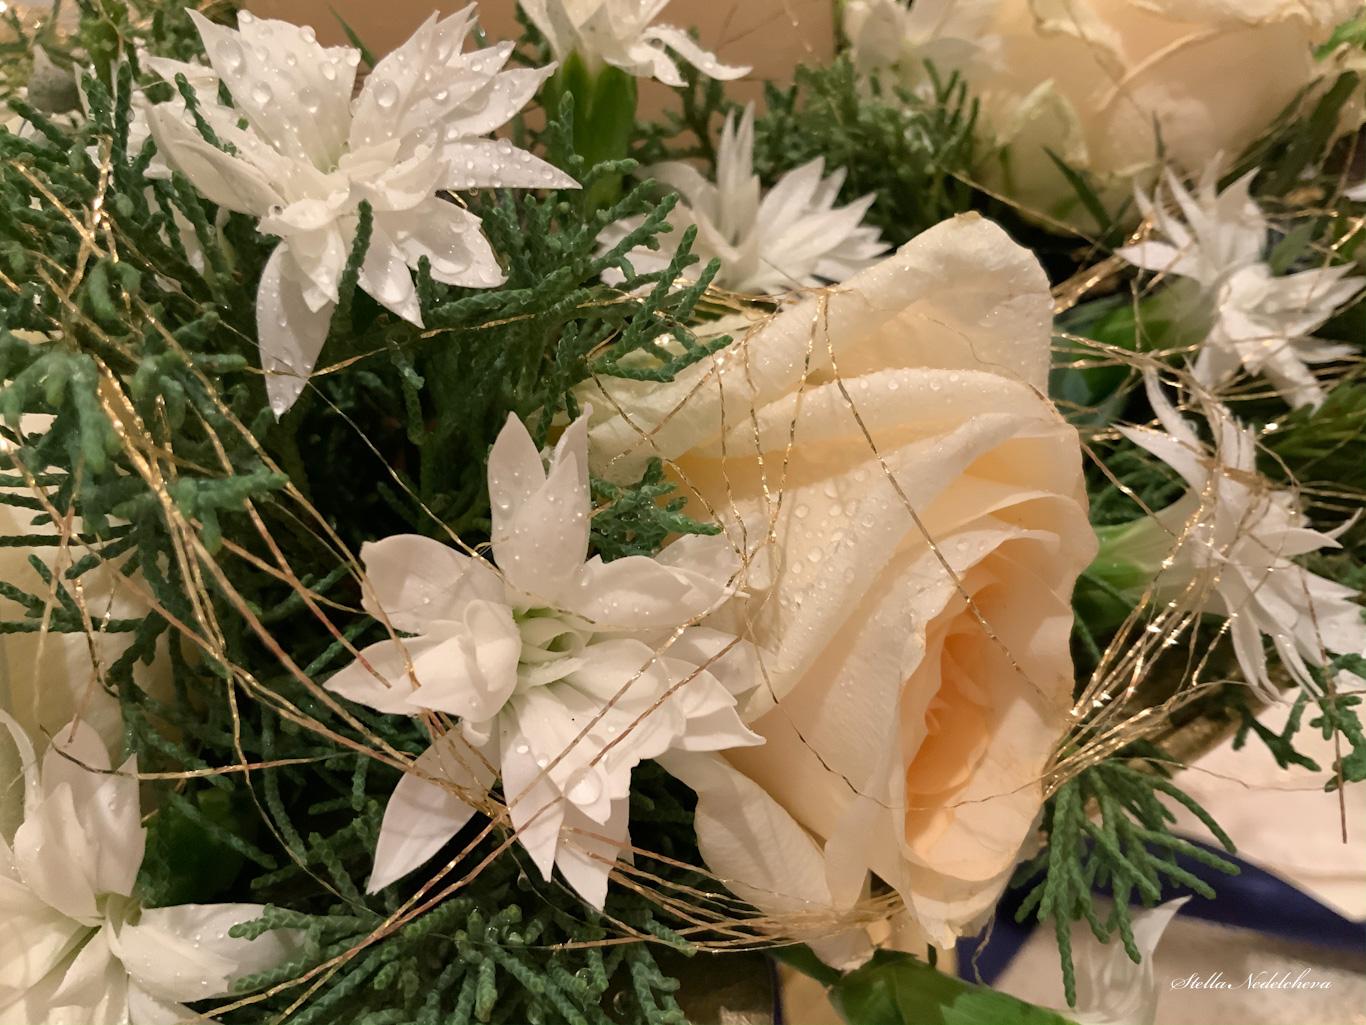 Décoration de Noël avec des fleurs